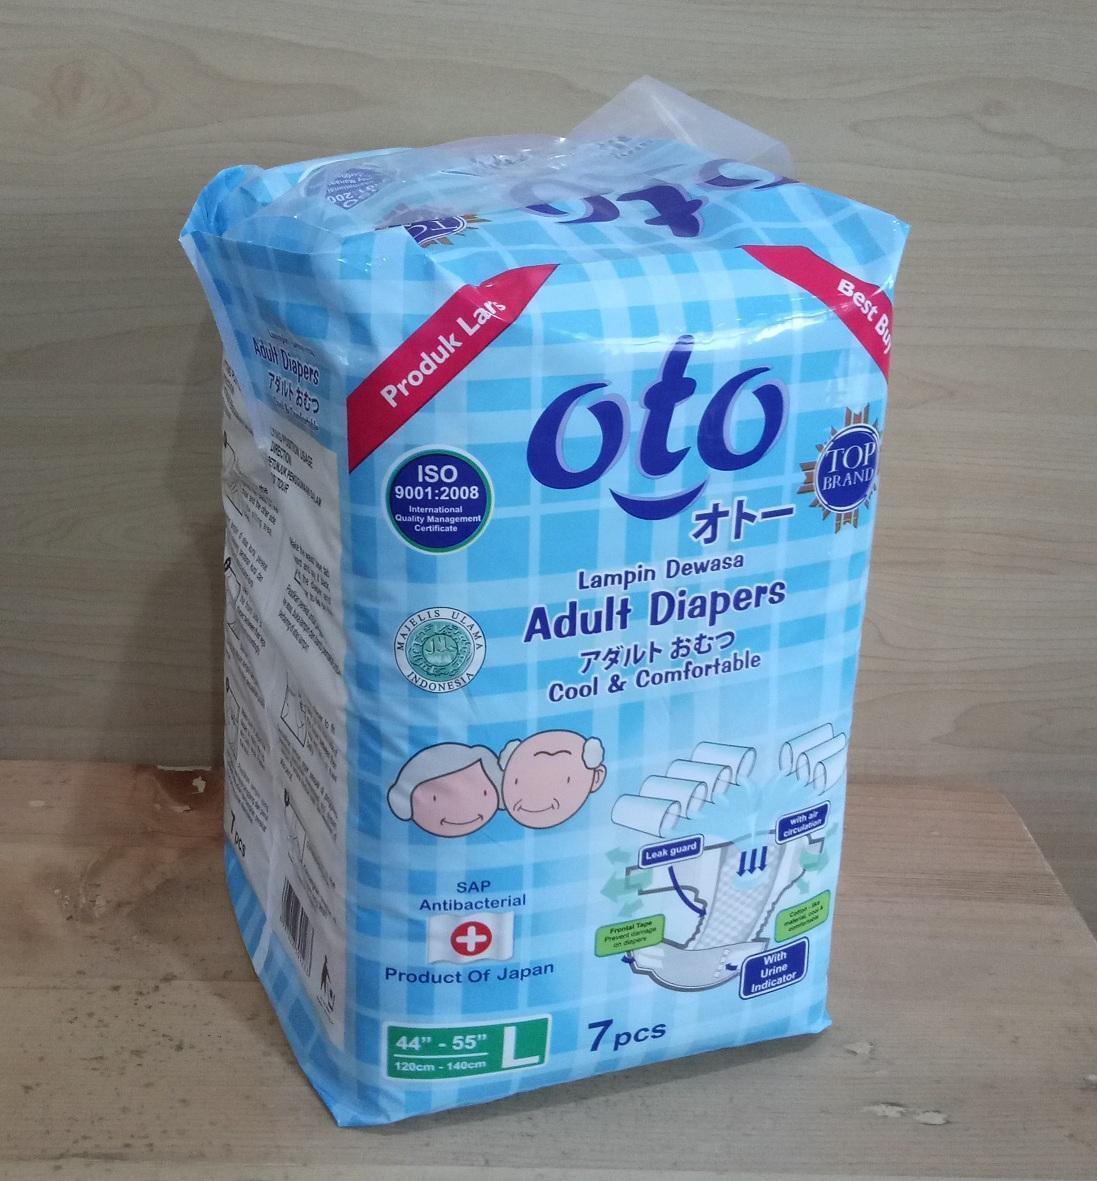 Lampin Dewasa Oto Adult Diapers Daftar Harga Terbaru Dan Bp 6xl Diaper Popok Ukuran Xl Isi 6pcs Perekat L 7 X